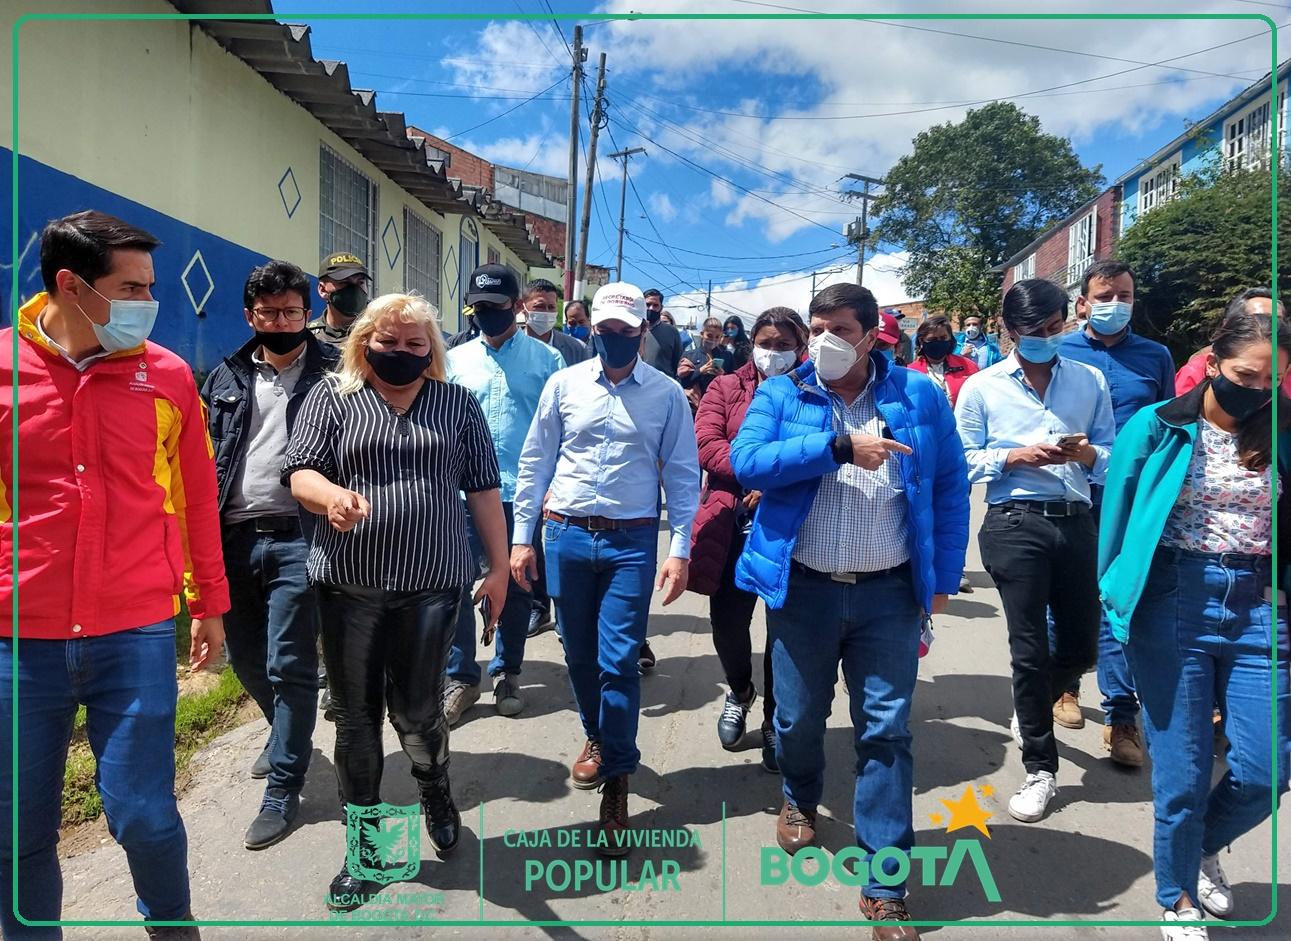 La CVP está del lado de la gente con la intervención en Alto Fucha - San Cristóbal